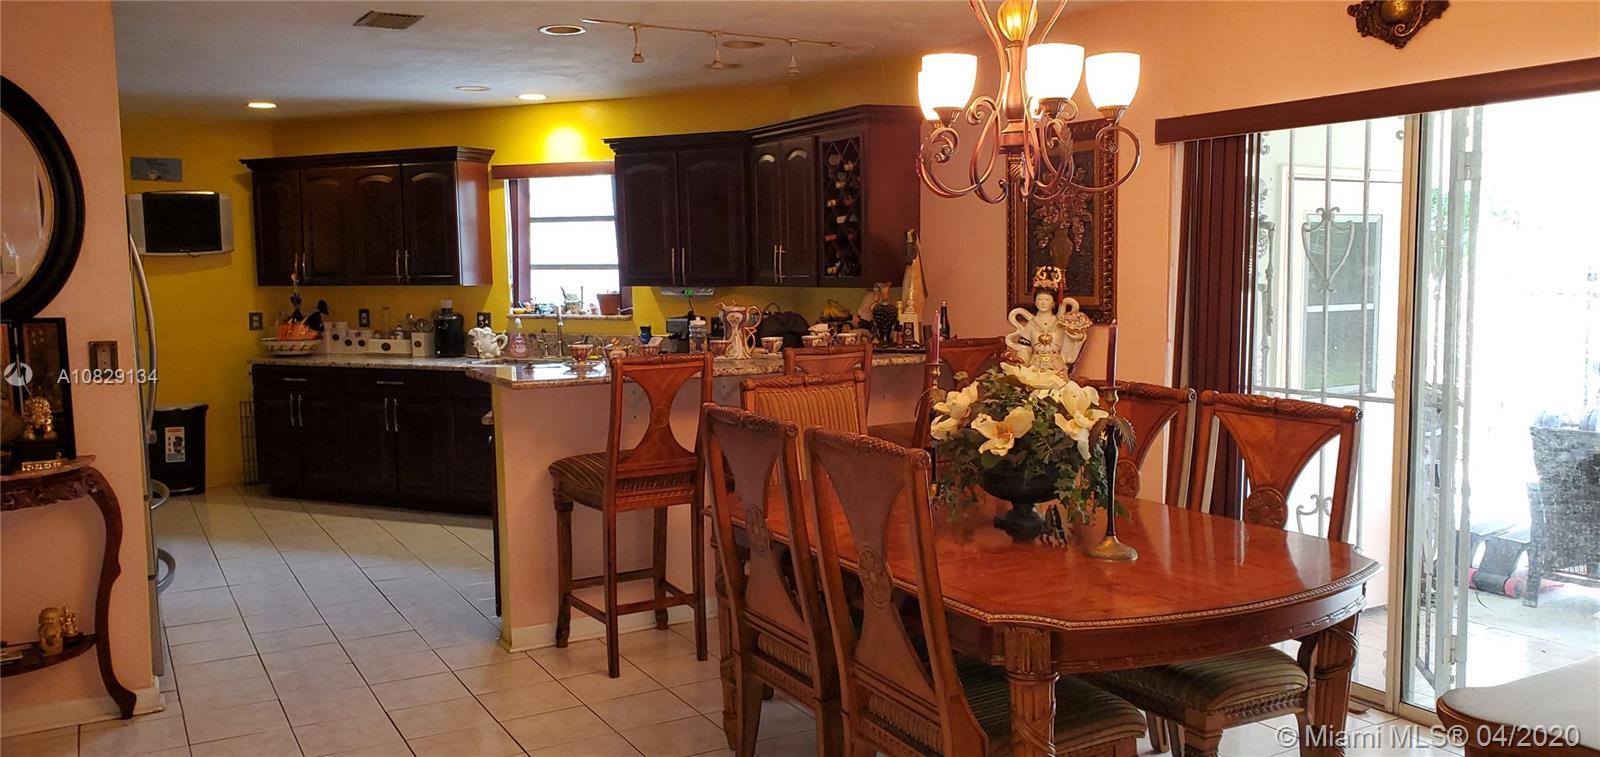 8910 SW 187th St, Cutler Bay, FL 33157 - Cutler Bay, FL real estate listing